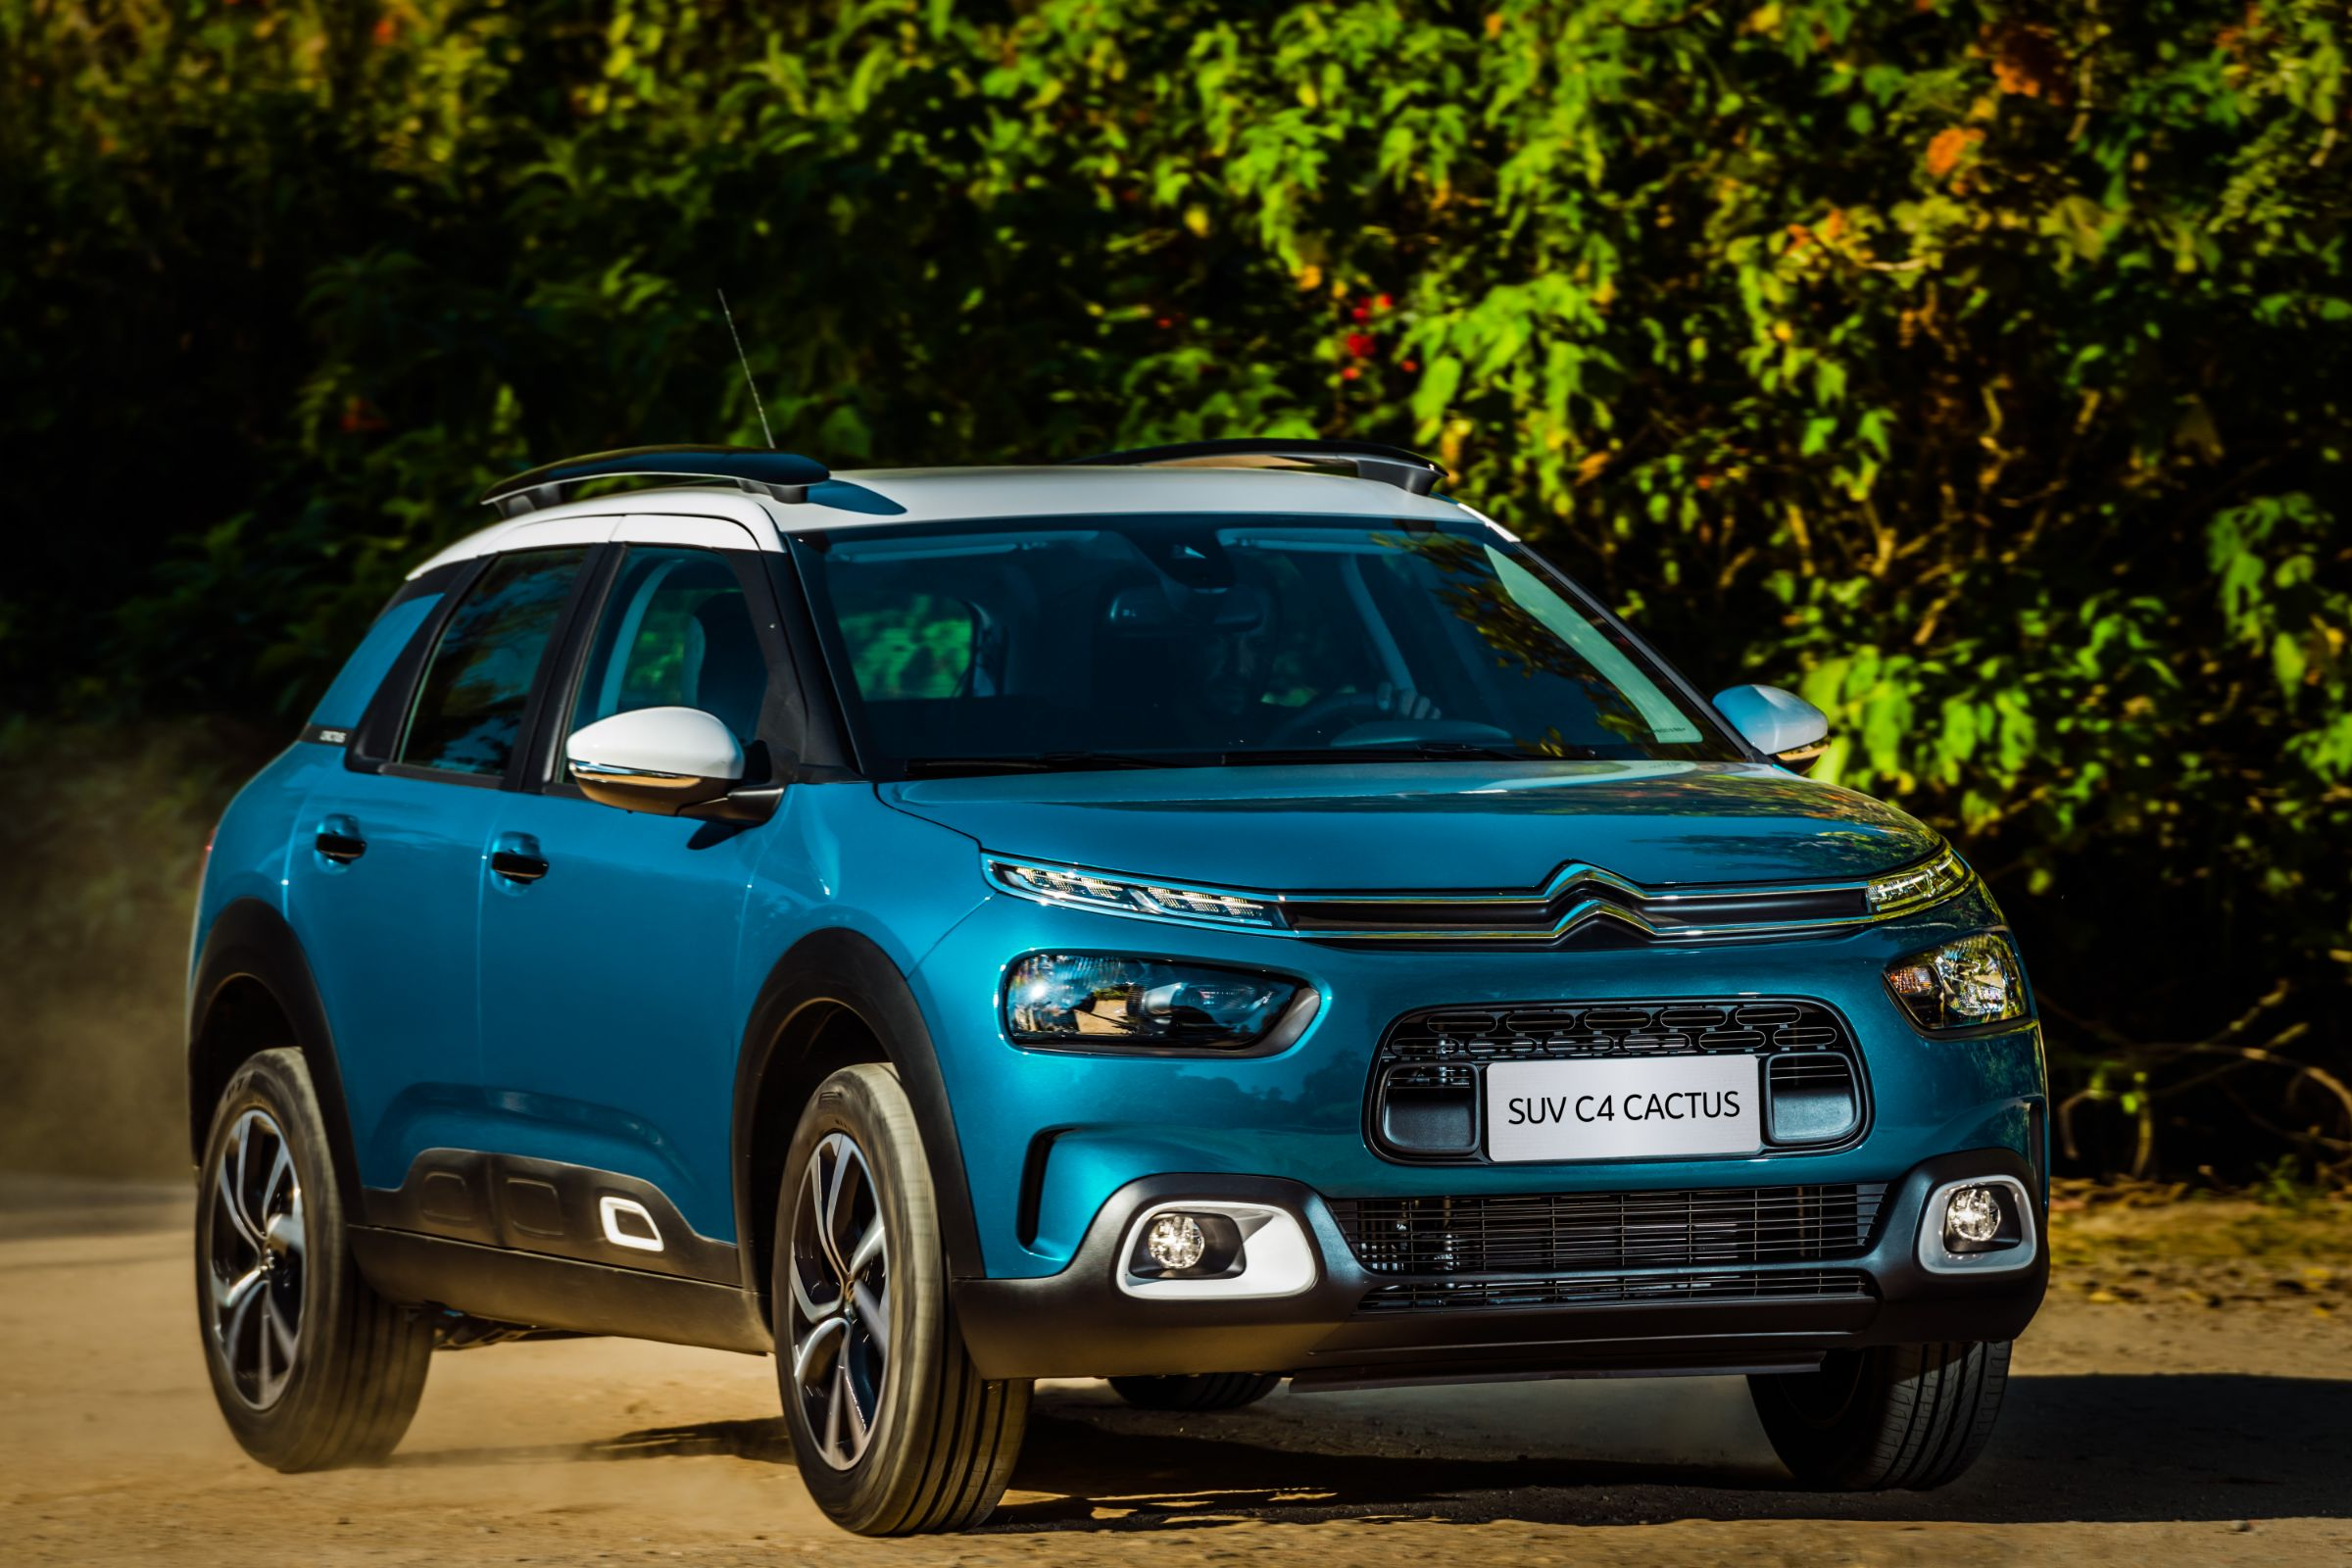 Foi lançado hoje o novo SUV da Citroën. O C4 Cactus chega ao mercado brasileiro com preços entre R$ 69 mil e R$ 99 mil. Confira versões, preços e fotos.